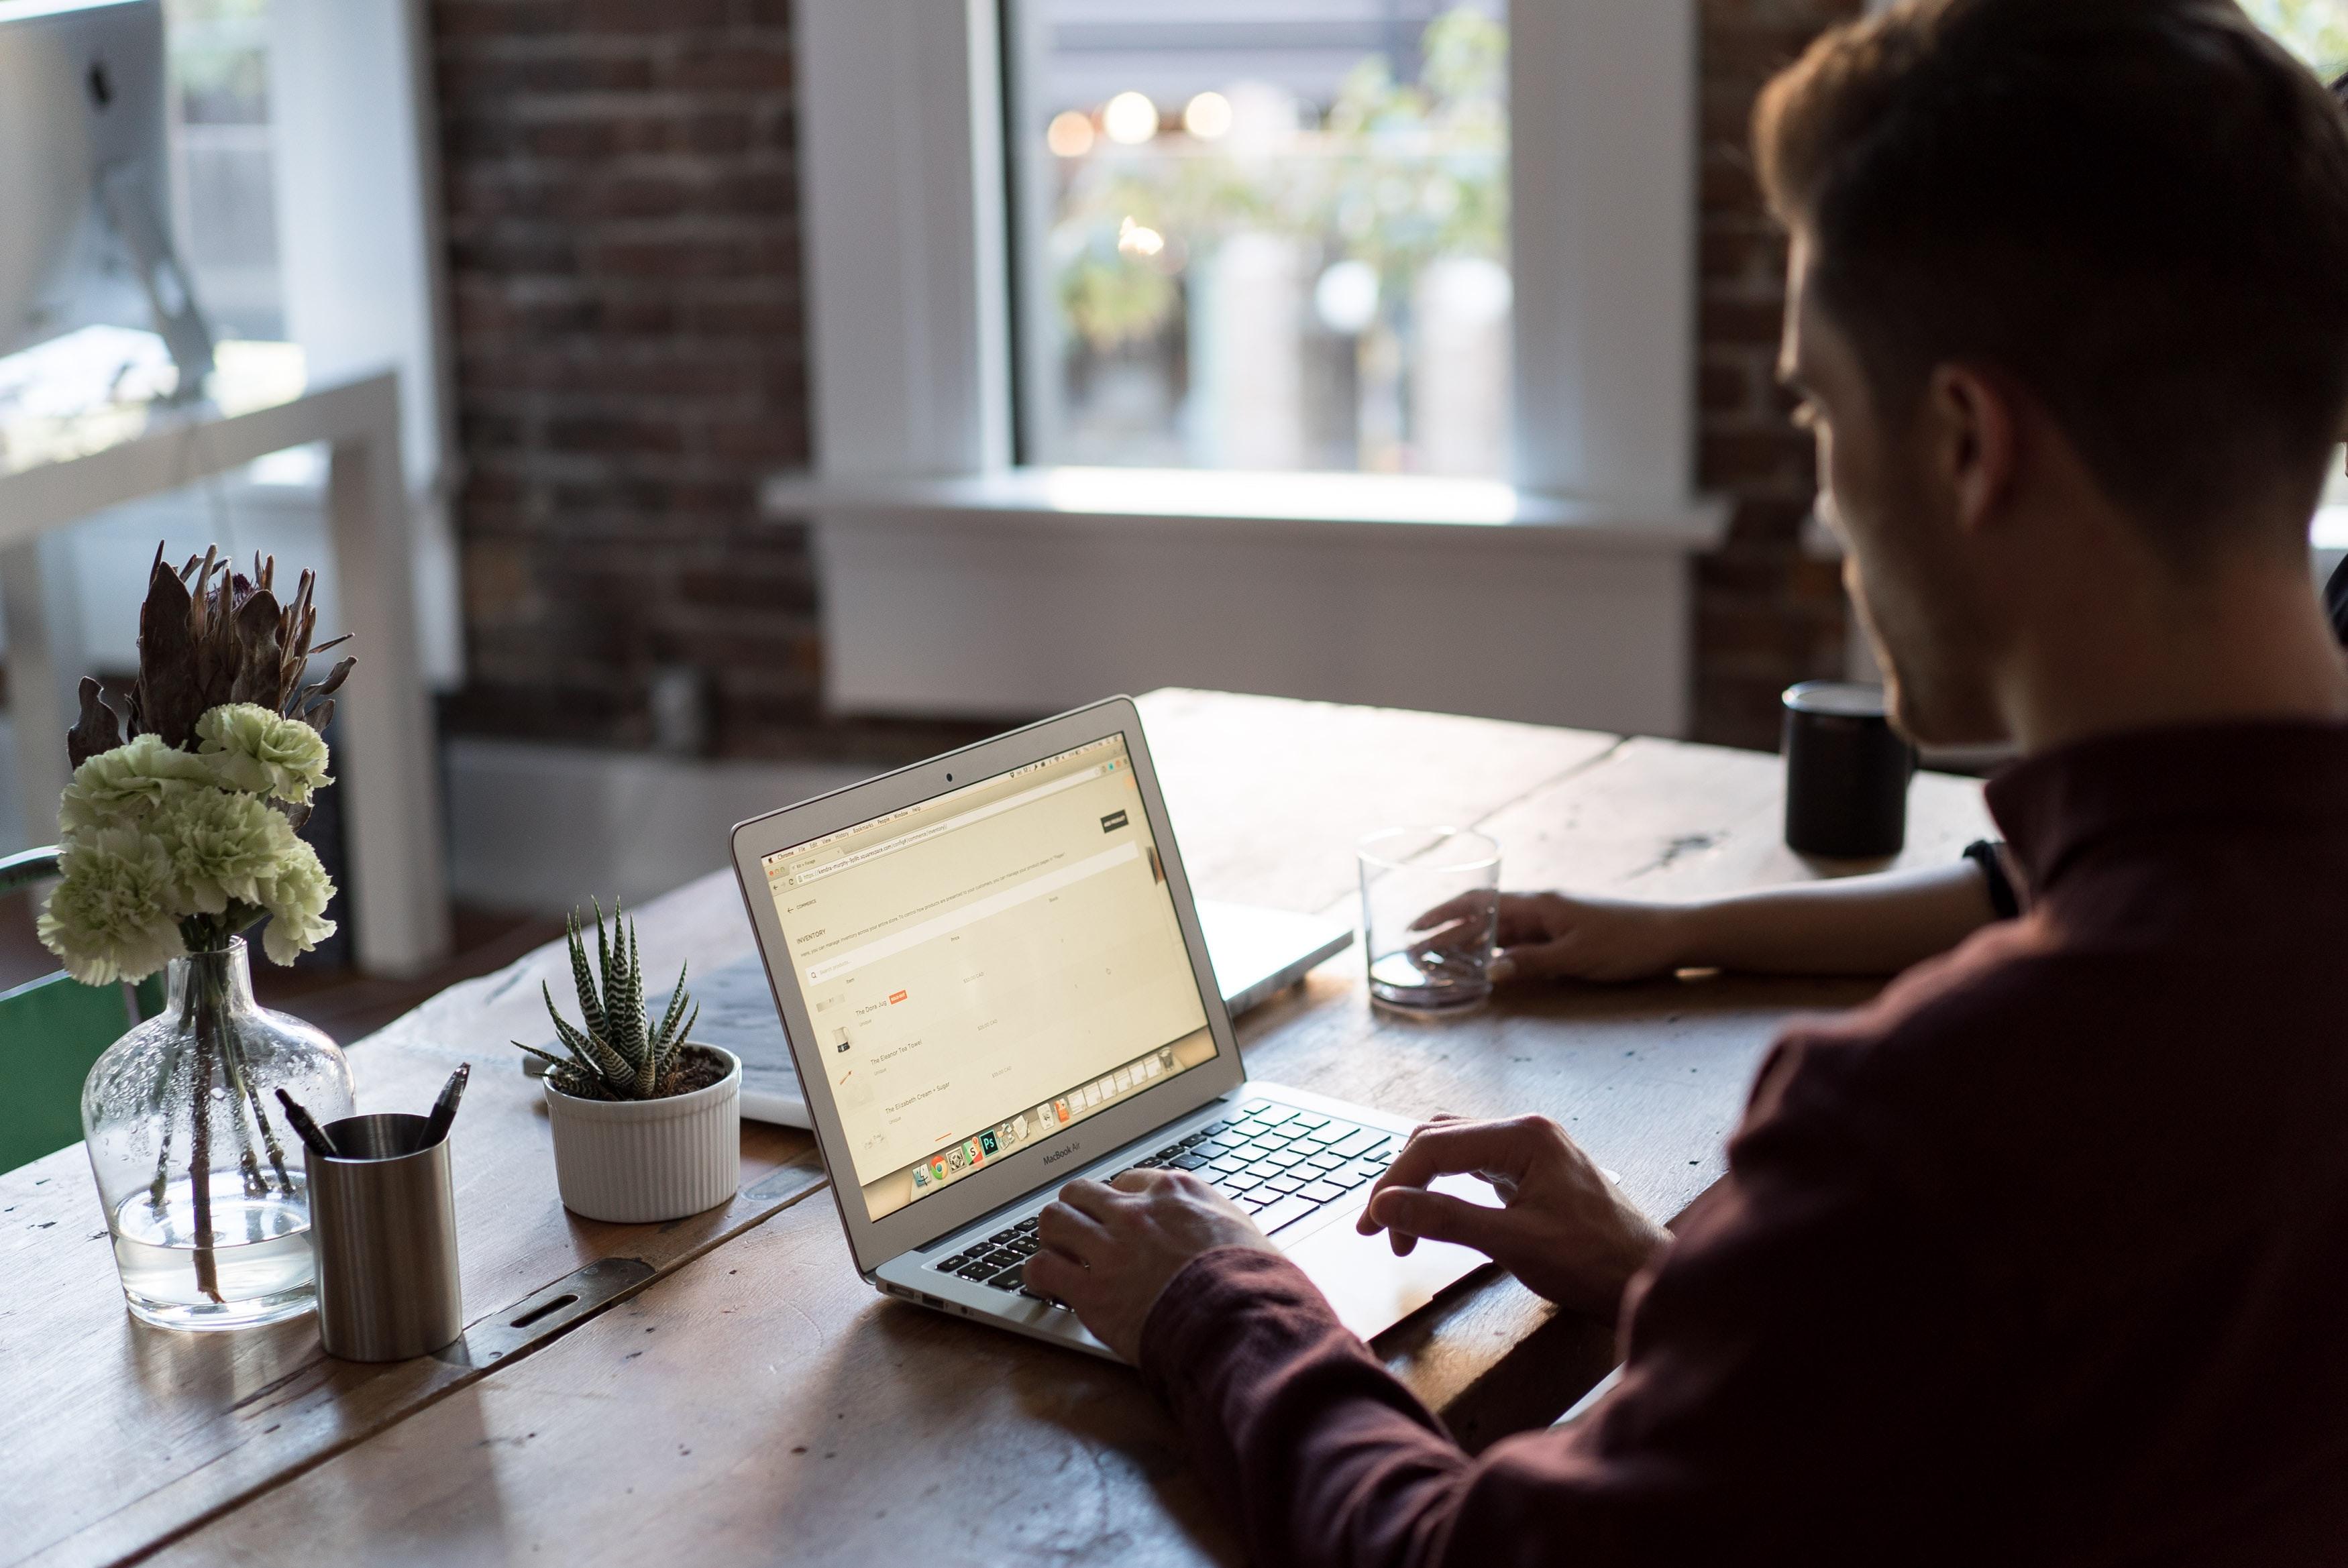 bench accounting C3V88BOoRoM unsplash - Nueva normalidad y digitalización